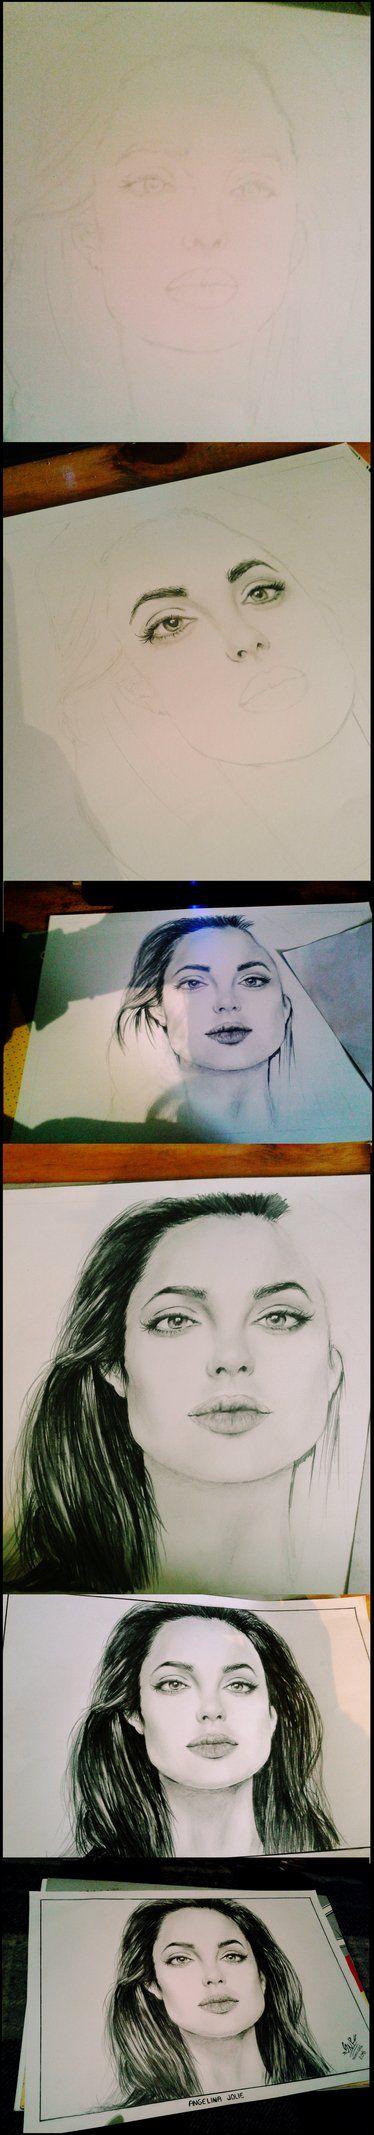 DIBUJO de Angelina Jolie by DesignInsanagirl.deviantart.com on @DeviantArt